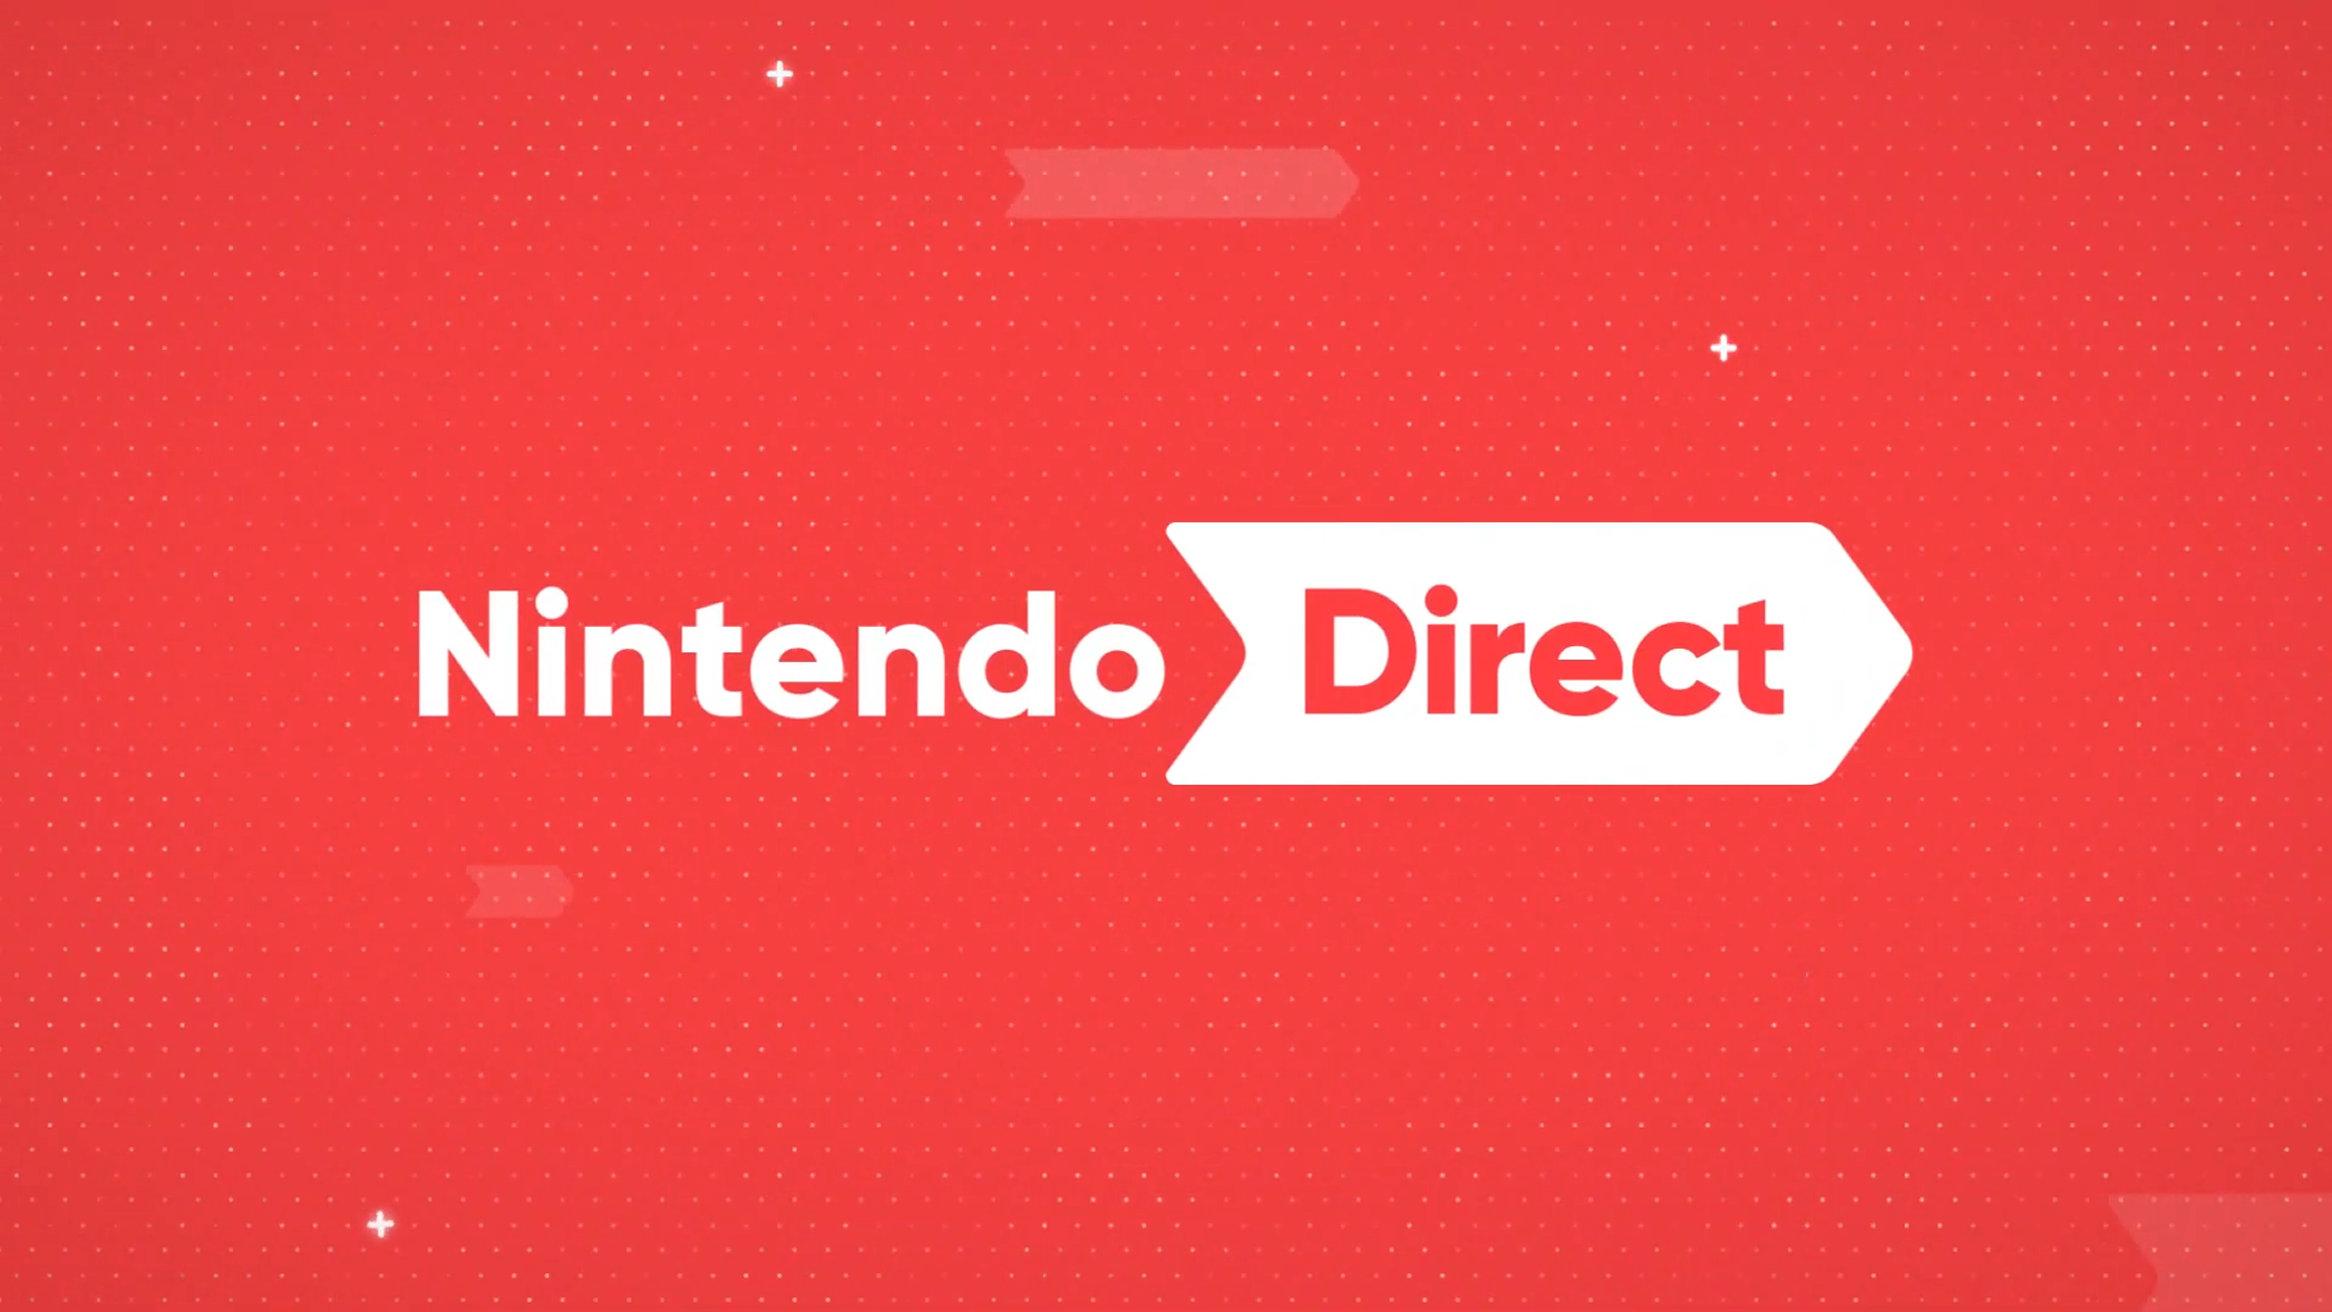 任天堂、E3 2019のスケジュール。ダイレクトや実機プレイ